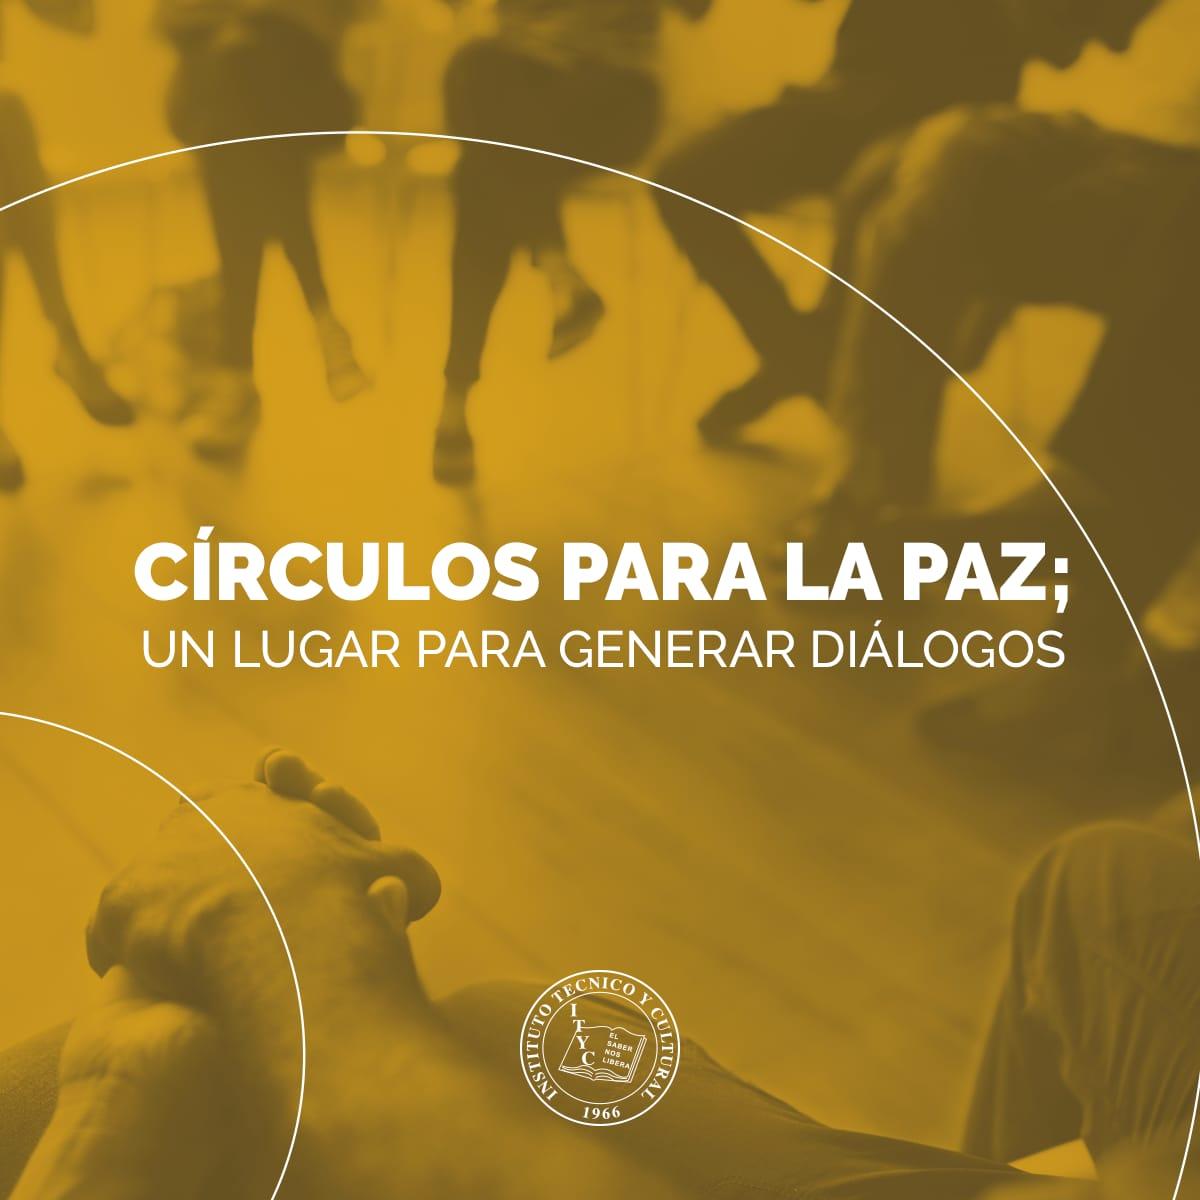 Círculos para la paz; un lugar para generar diálogos